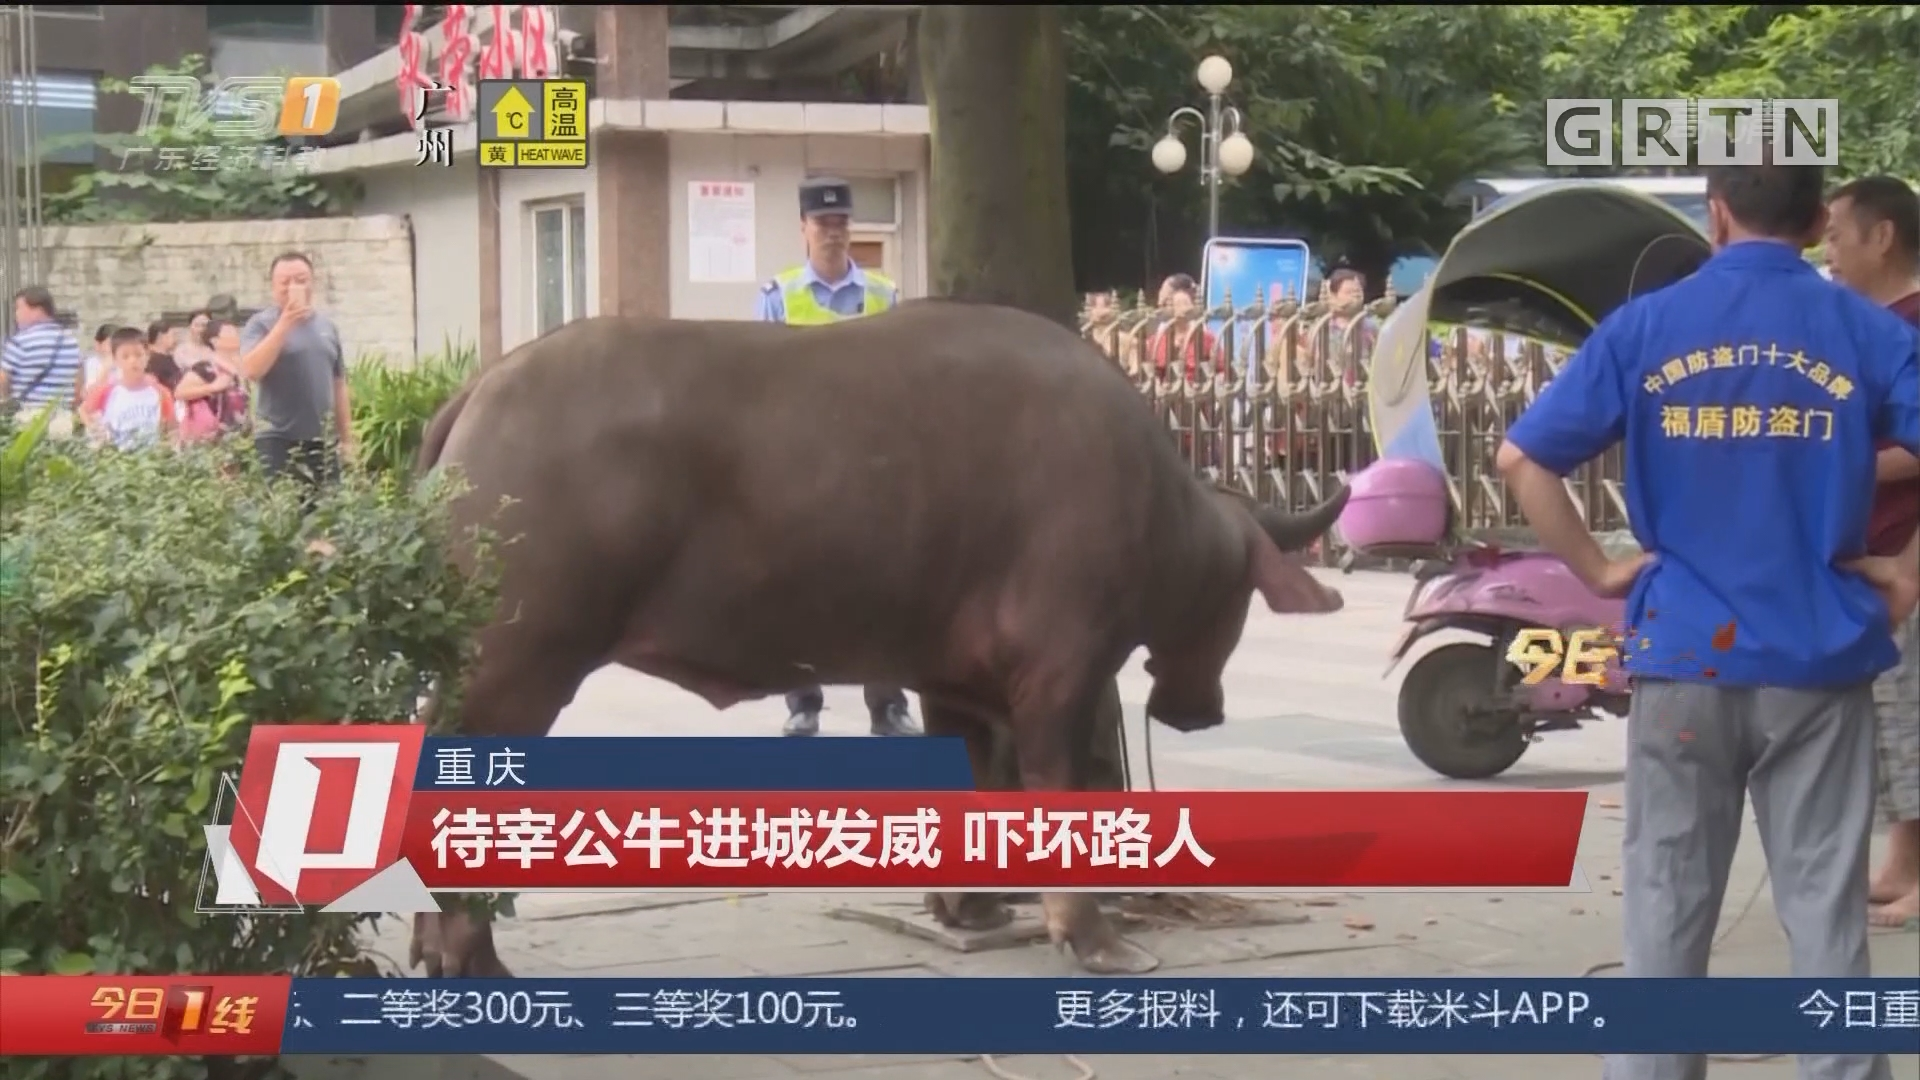 重庆:待宰公牛进城发威 吓坏路人